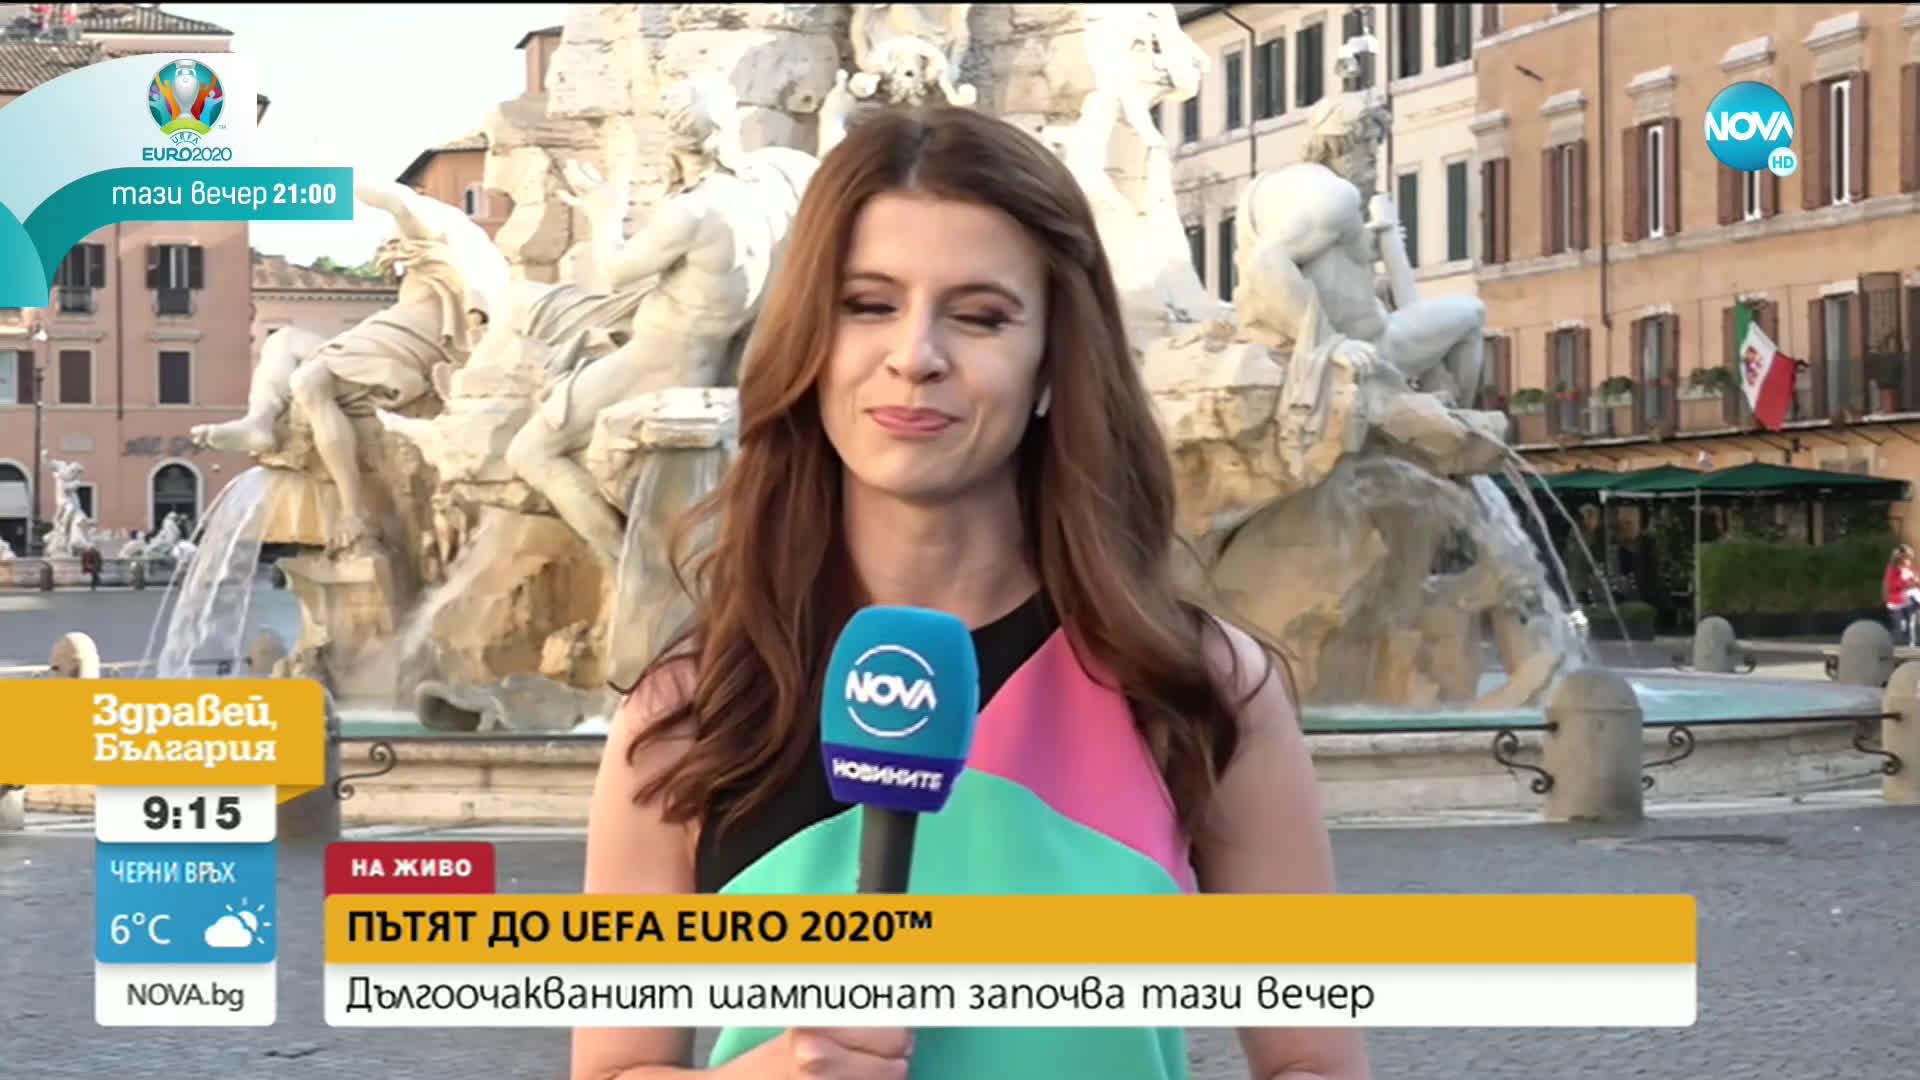 ФУТБОЛЪТ ЗАВЛАДЯВА ЕВРОПА: Какви емоции ще ни донесе UEFA EURO 2020